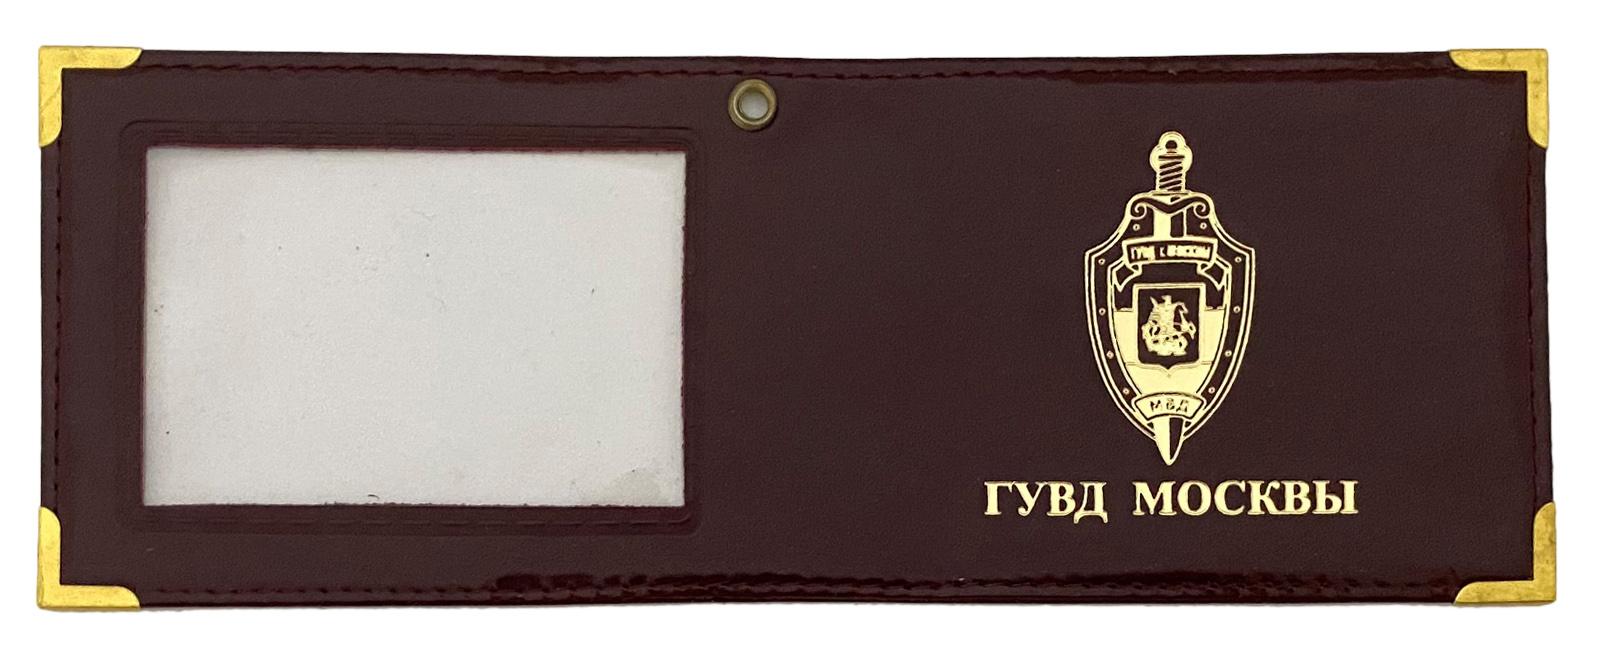 Купить в интернет магазине кожаную обложку ГУВД Москвы